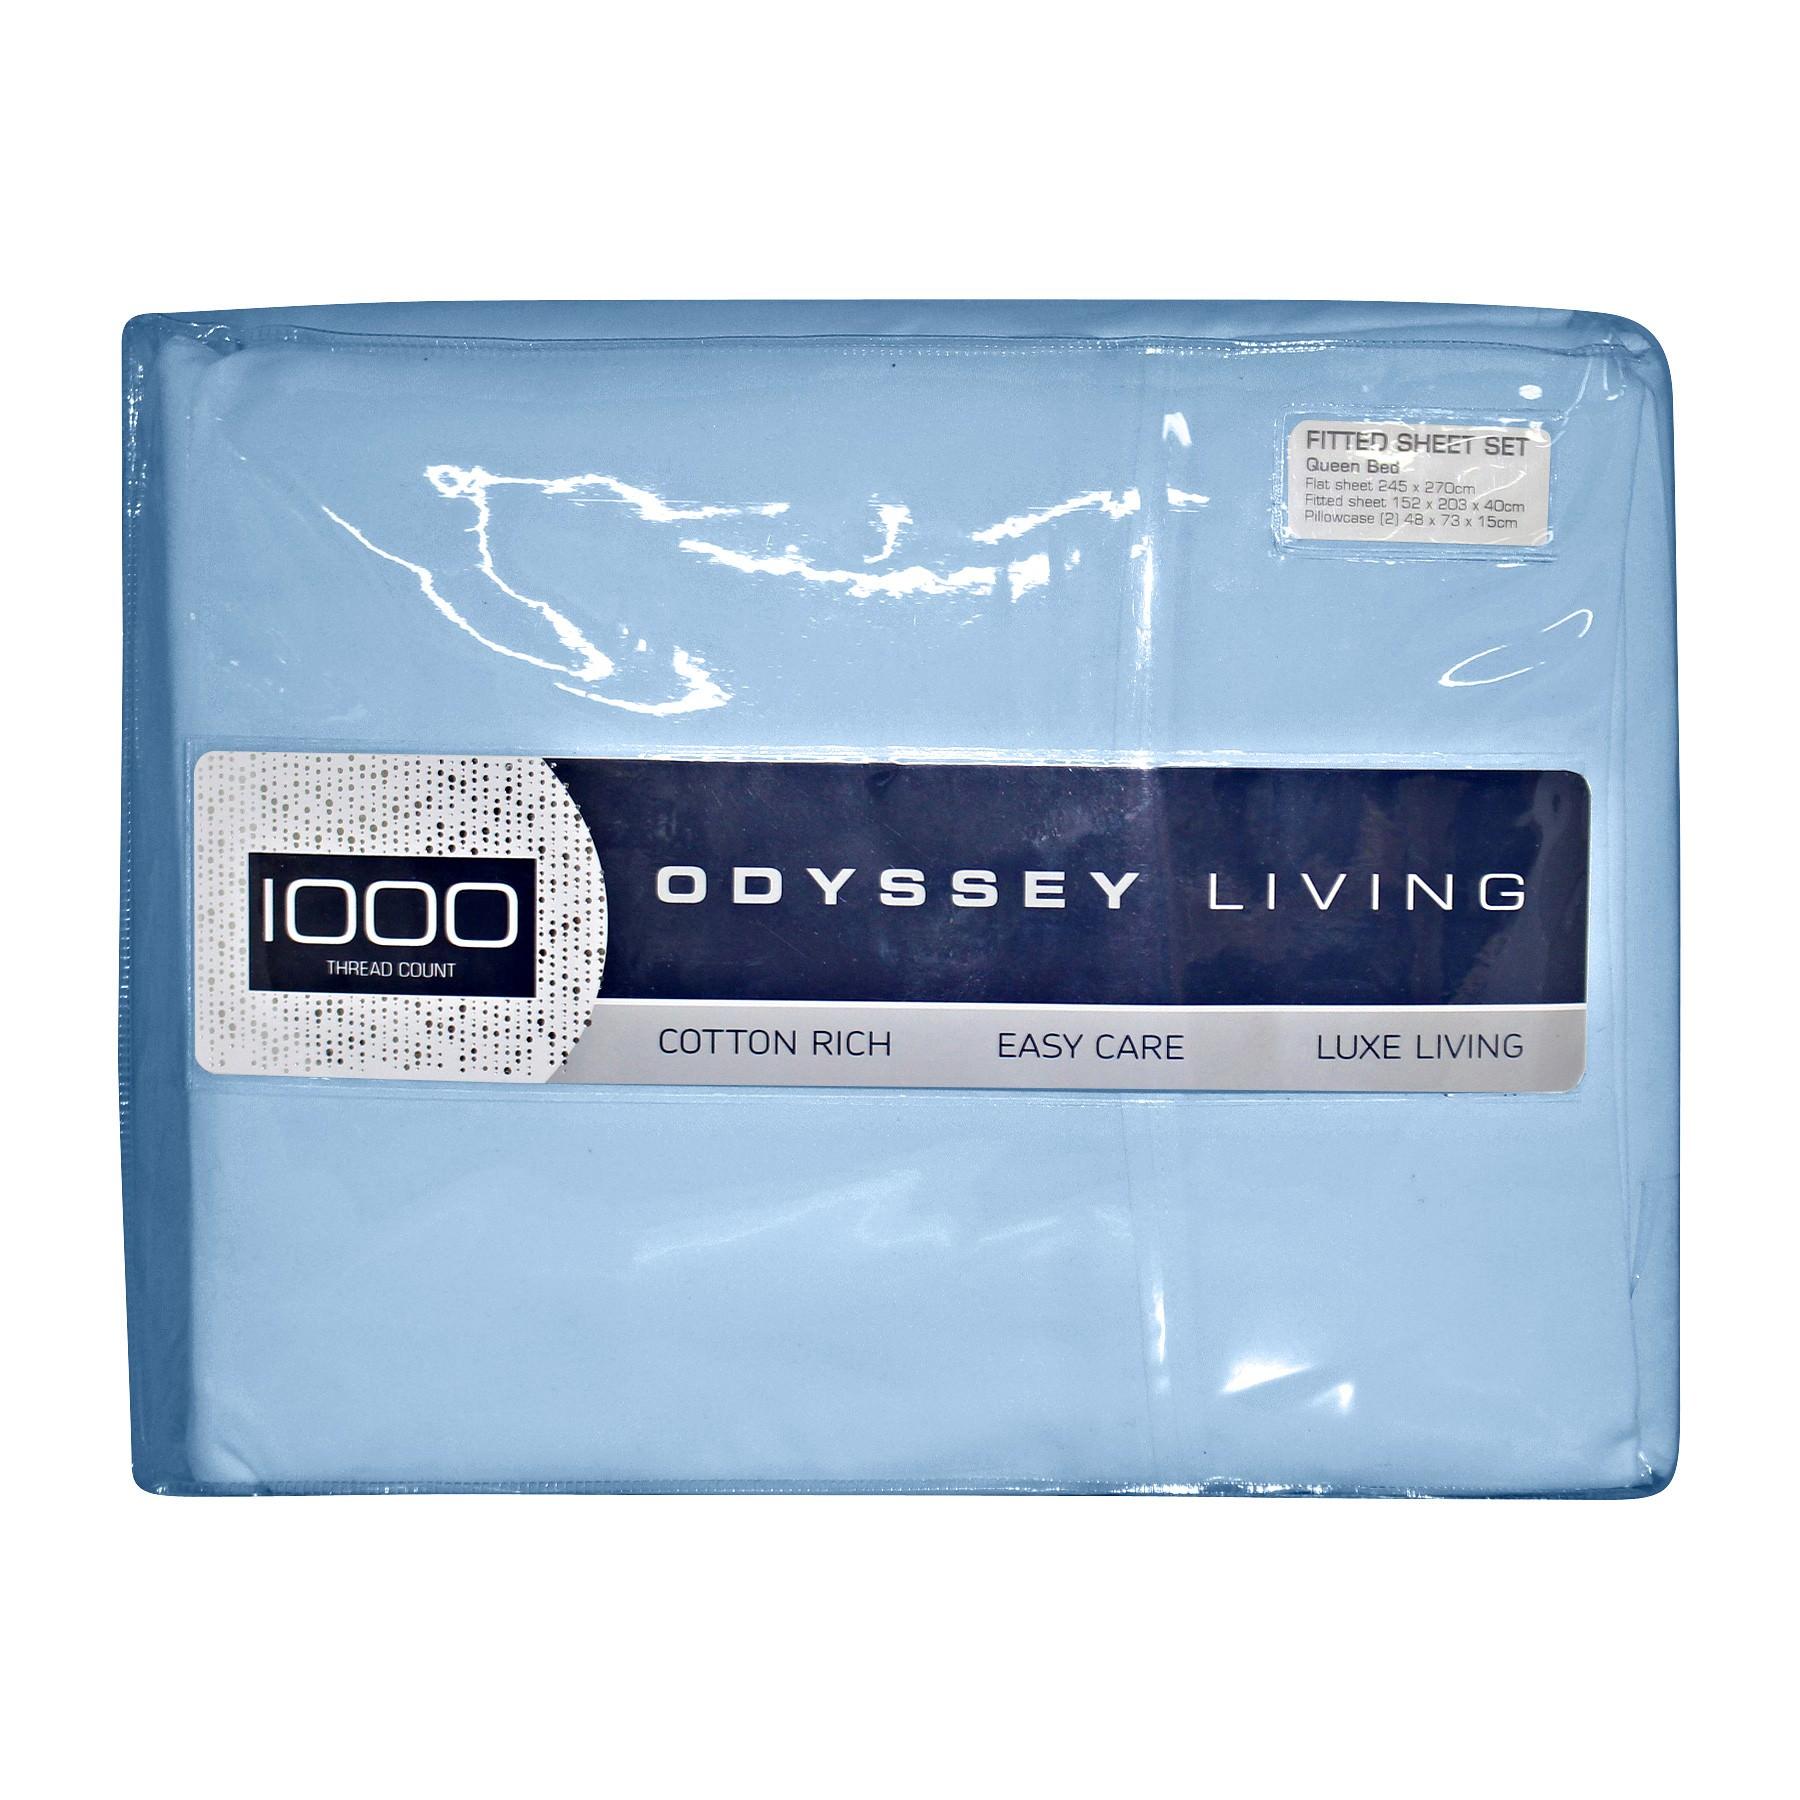 Odyssey Living 1000TC Cotton Rich Sheet Set, Double, Blue